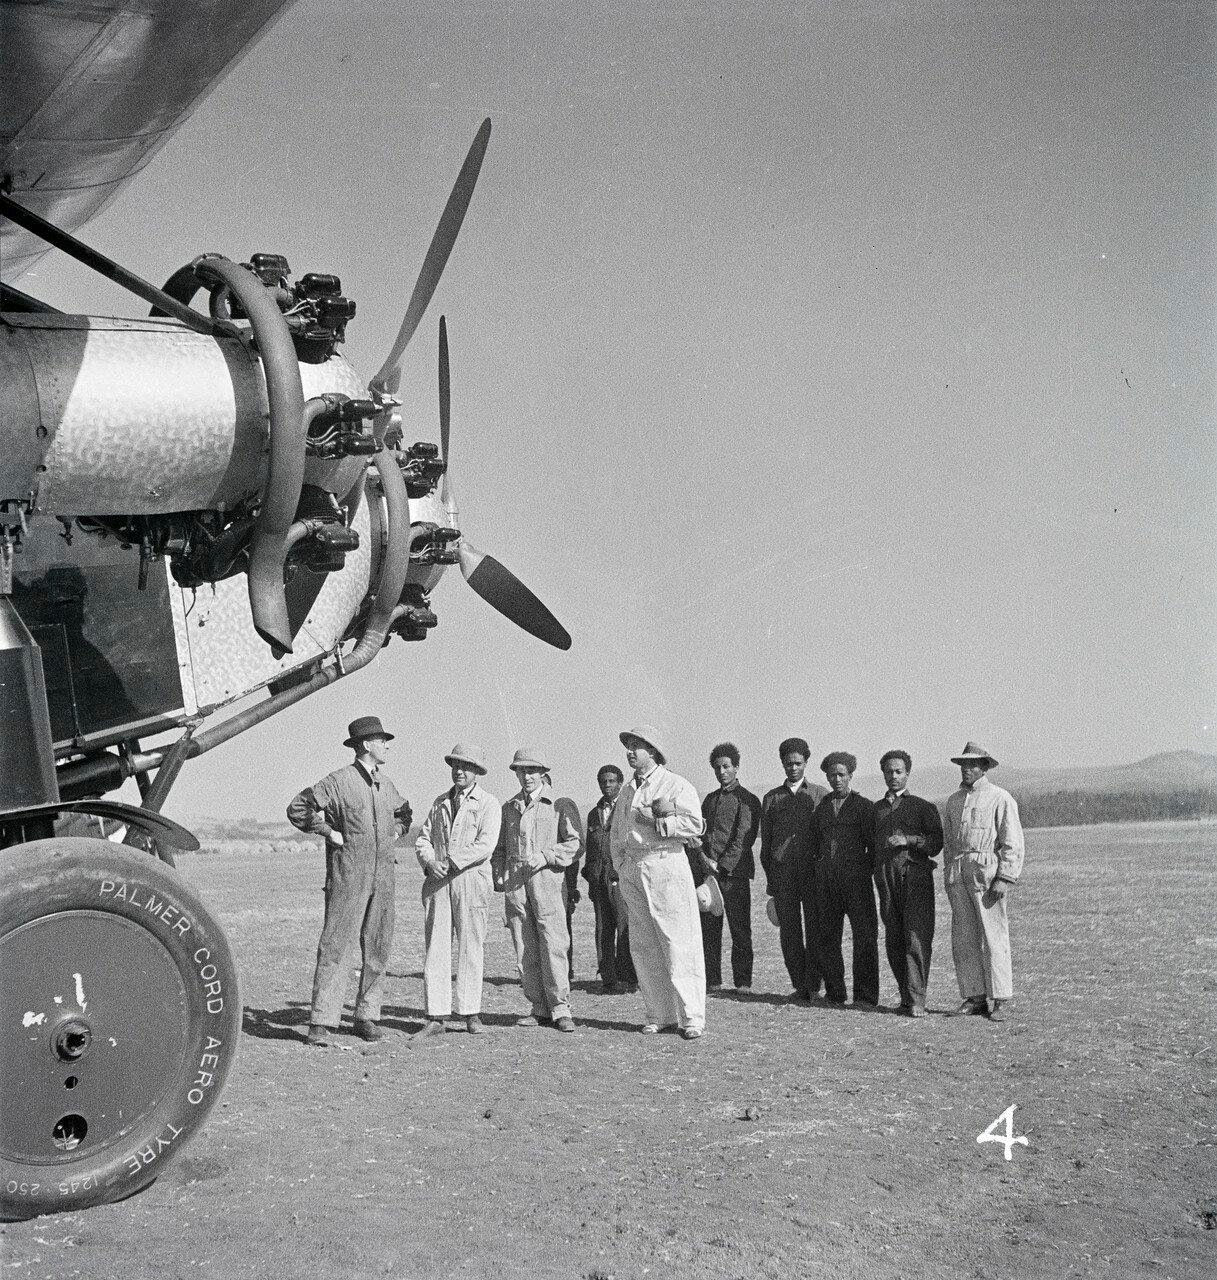 Летное поле в Аддис-Абебе